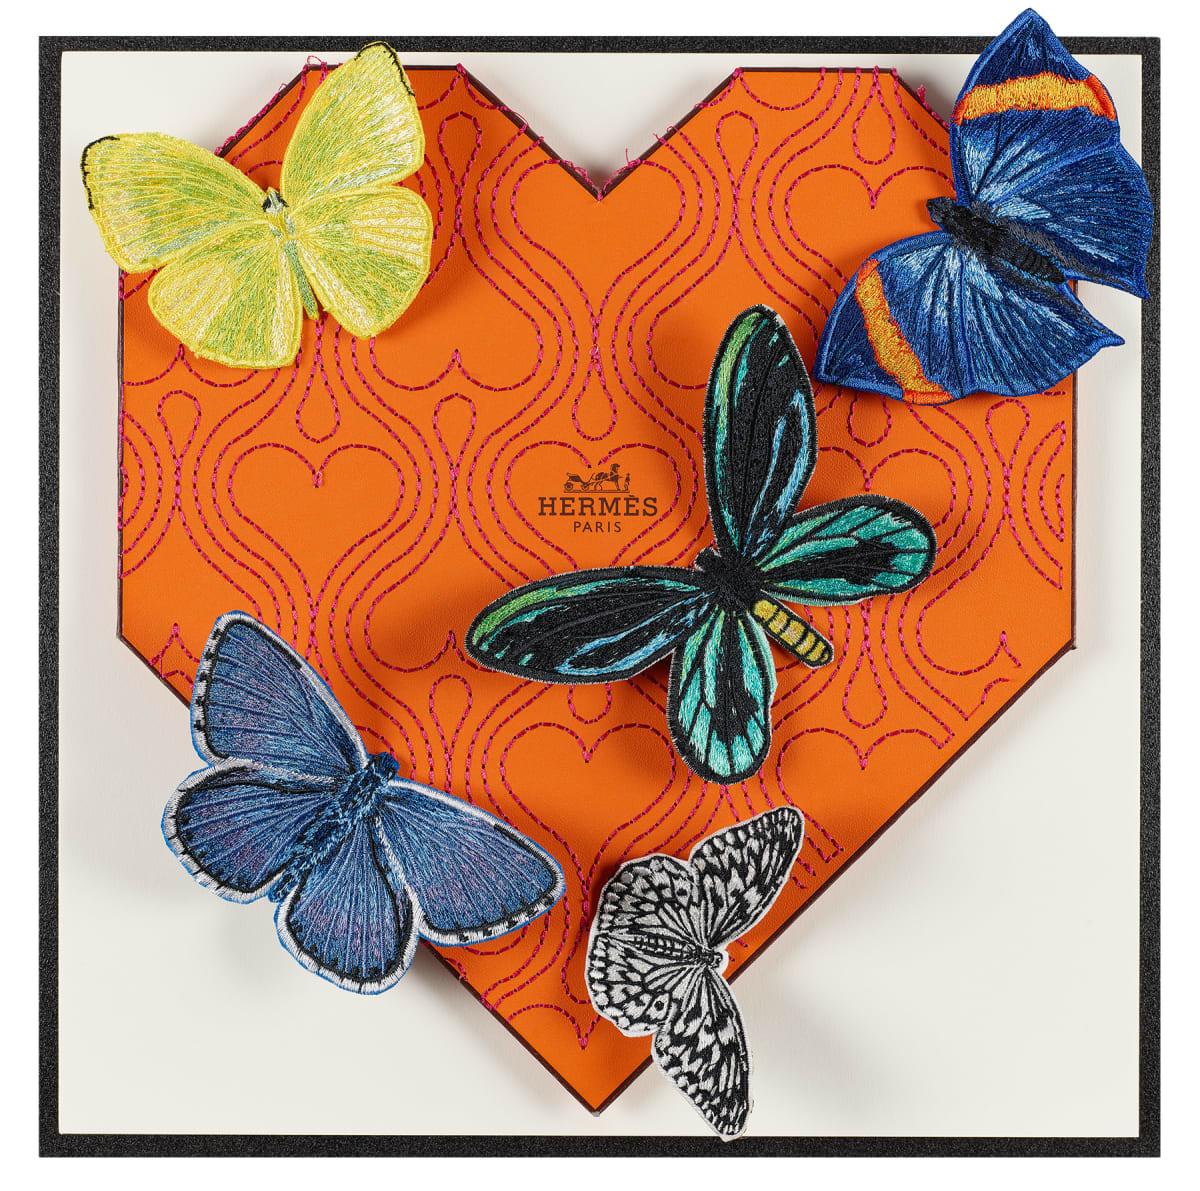 Stephen Wilson, Hermes Flutter Heart Variation, 2020